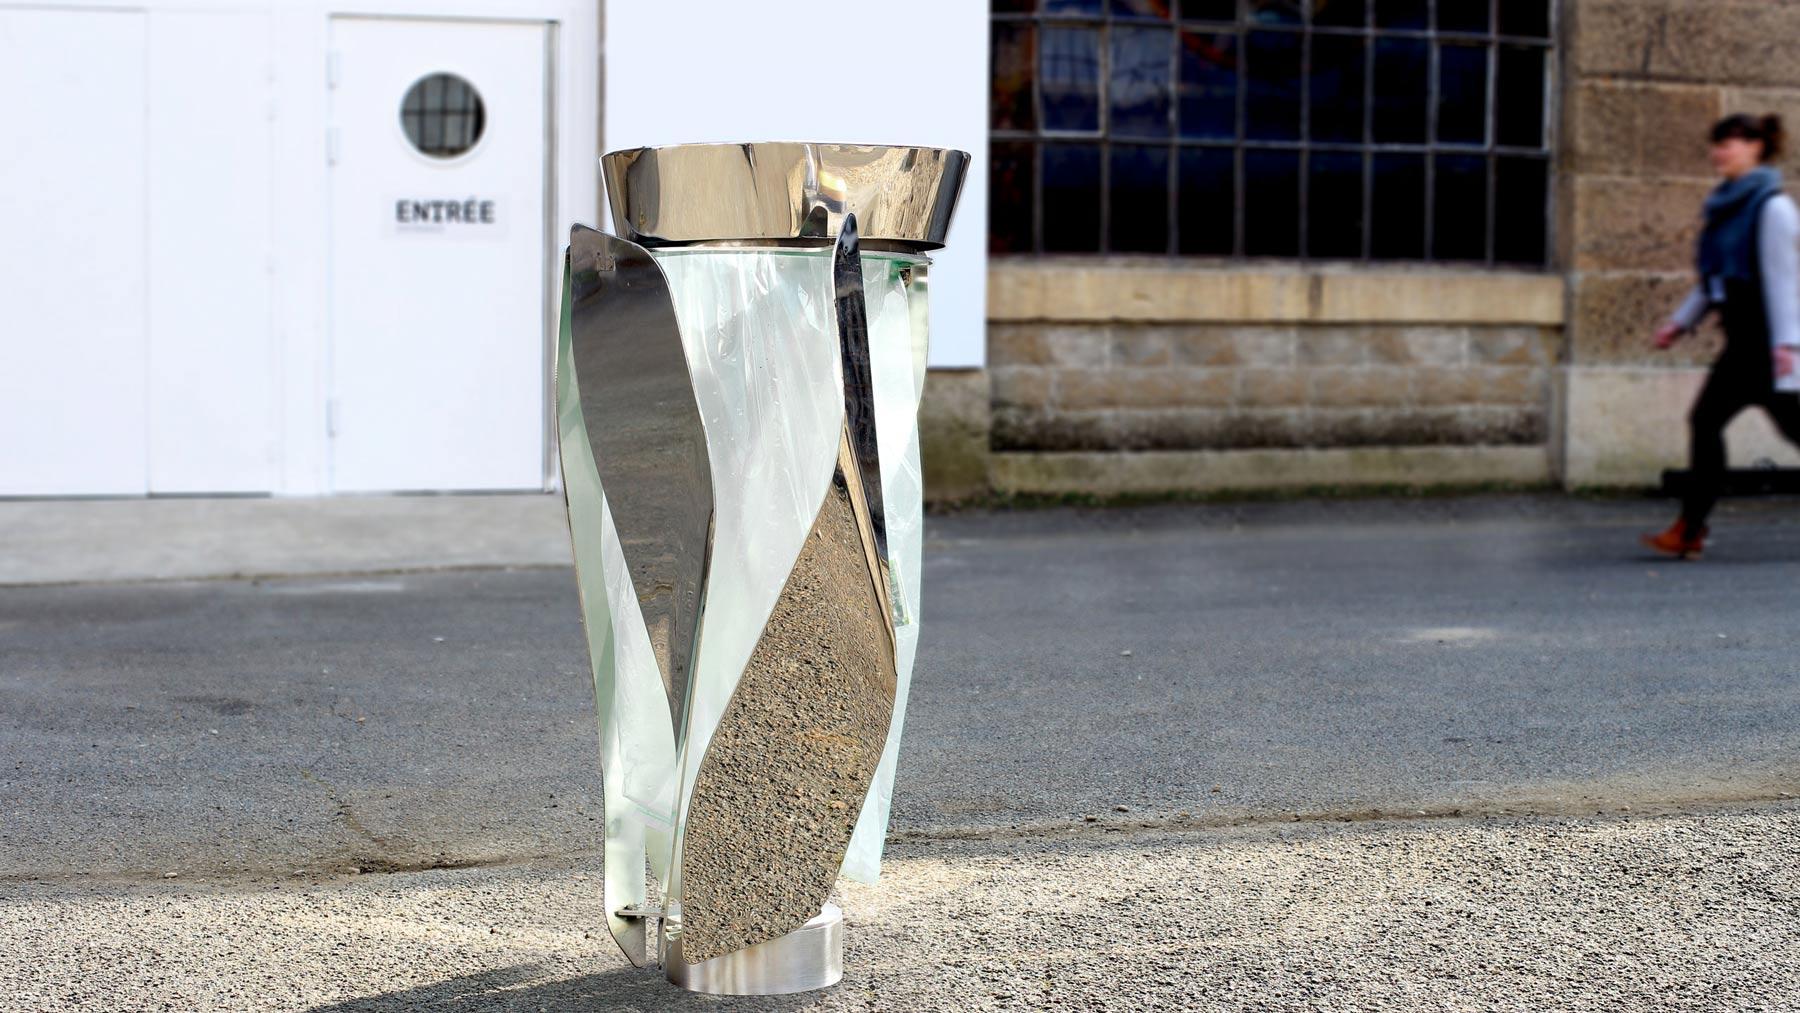 objets publics corbeille poubelle publique lif design franck magné mobilier urbain design